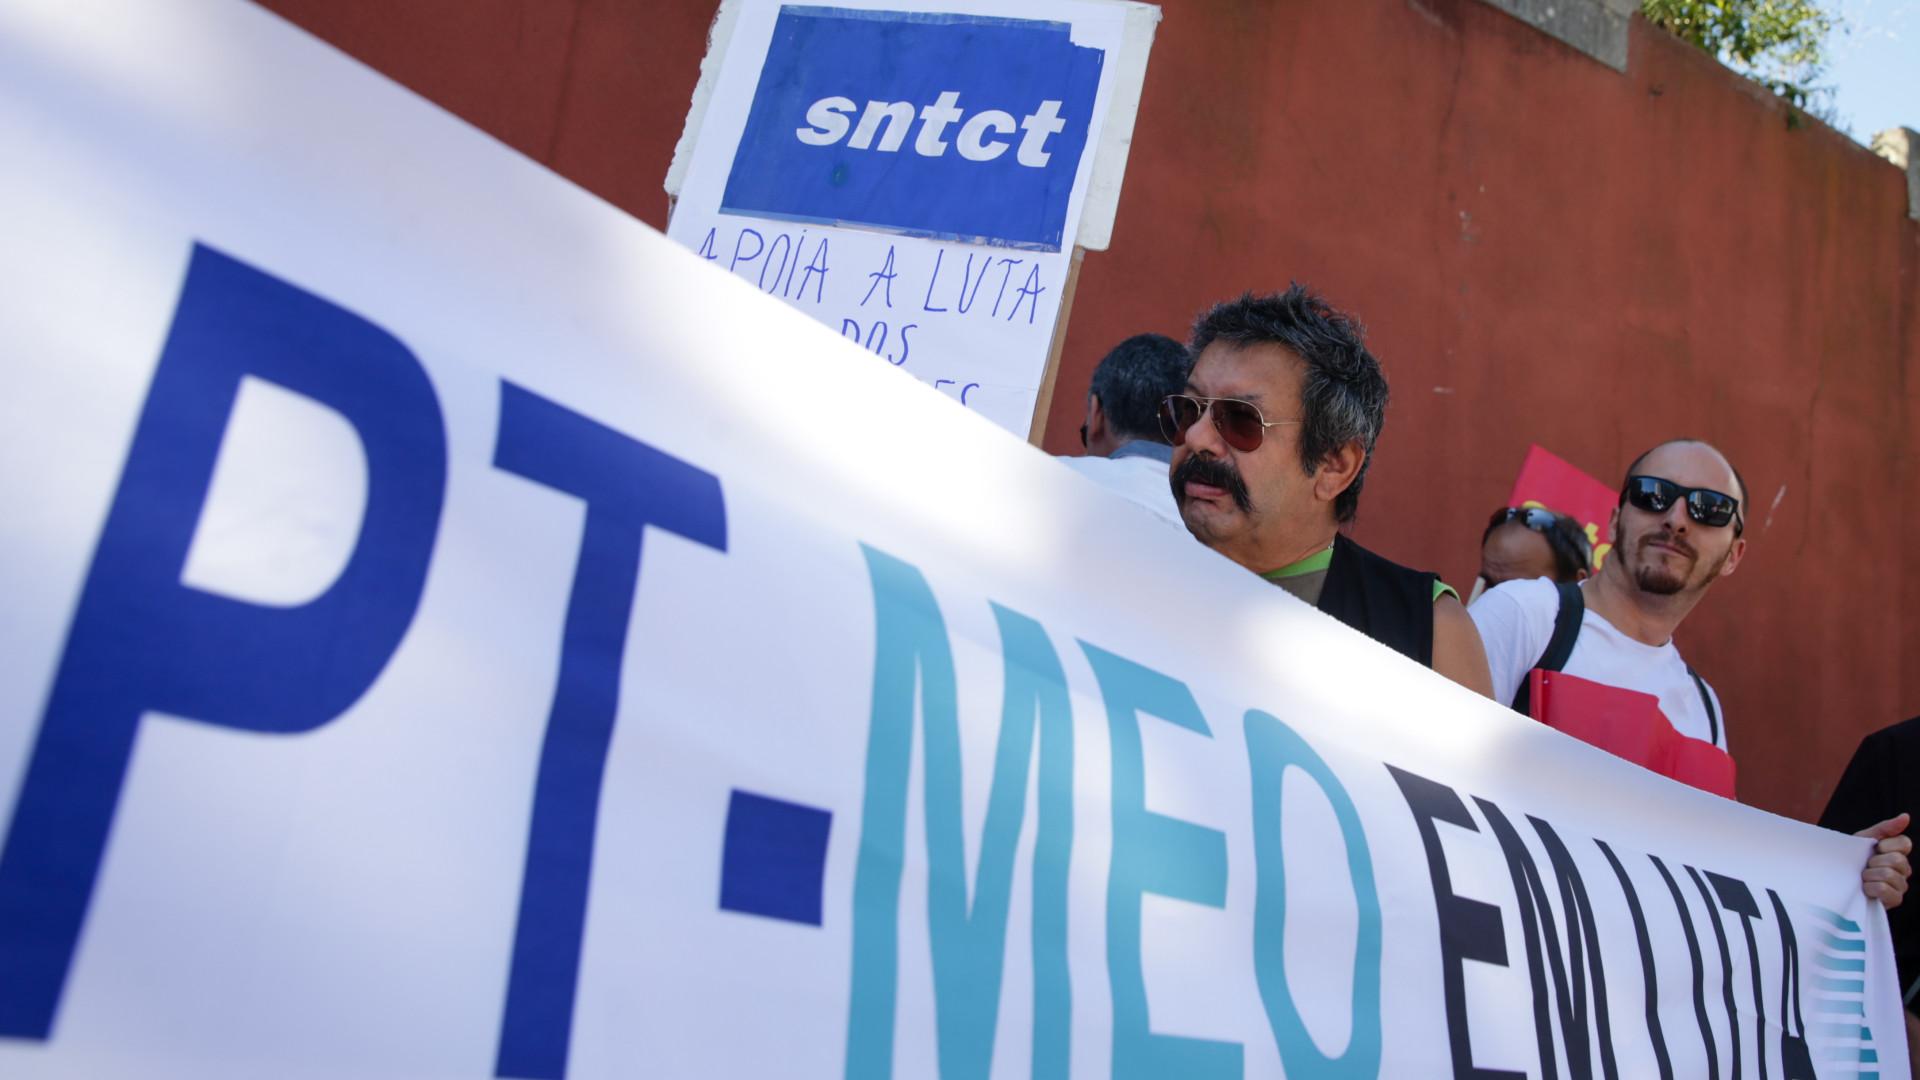 Representantes dos trabalhadores marcam concentração no Porto